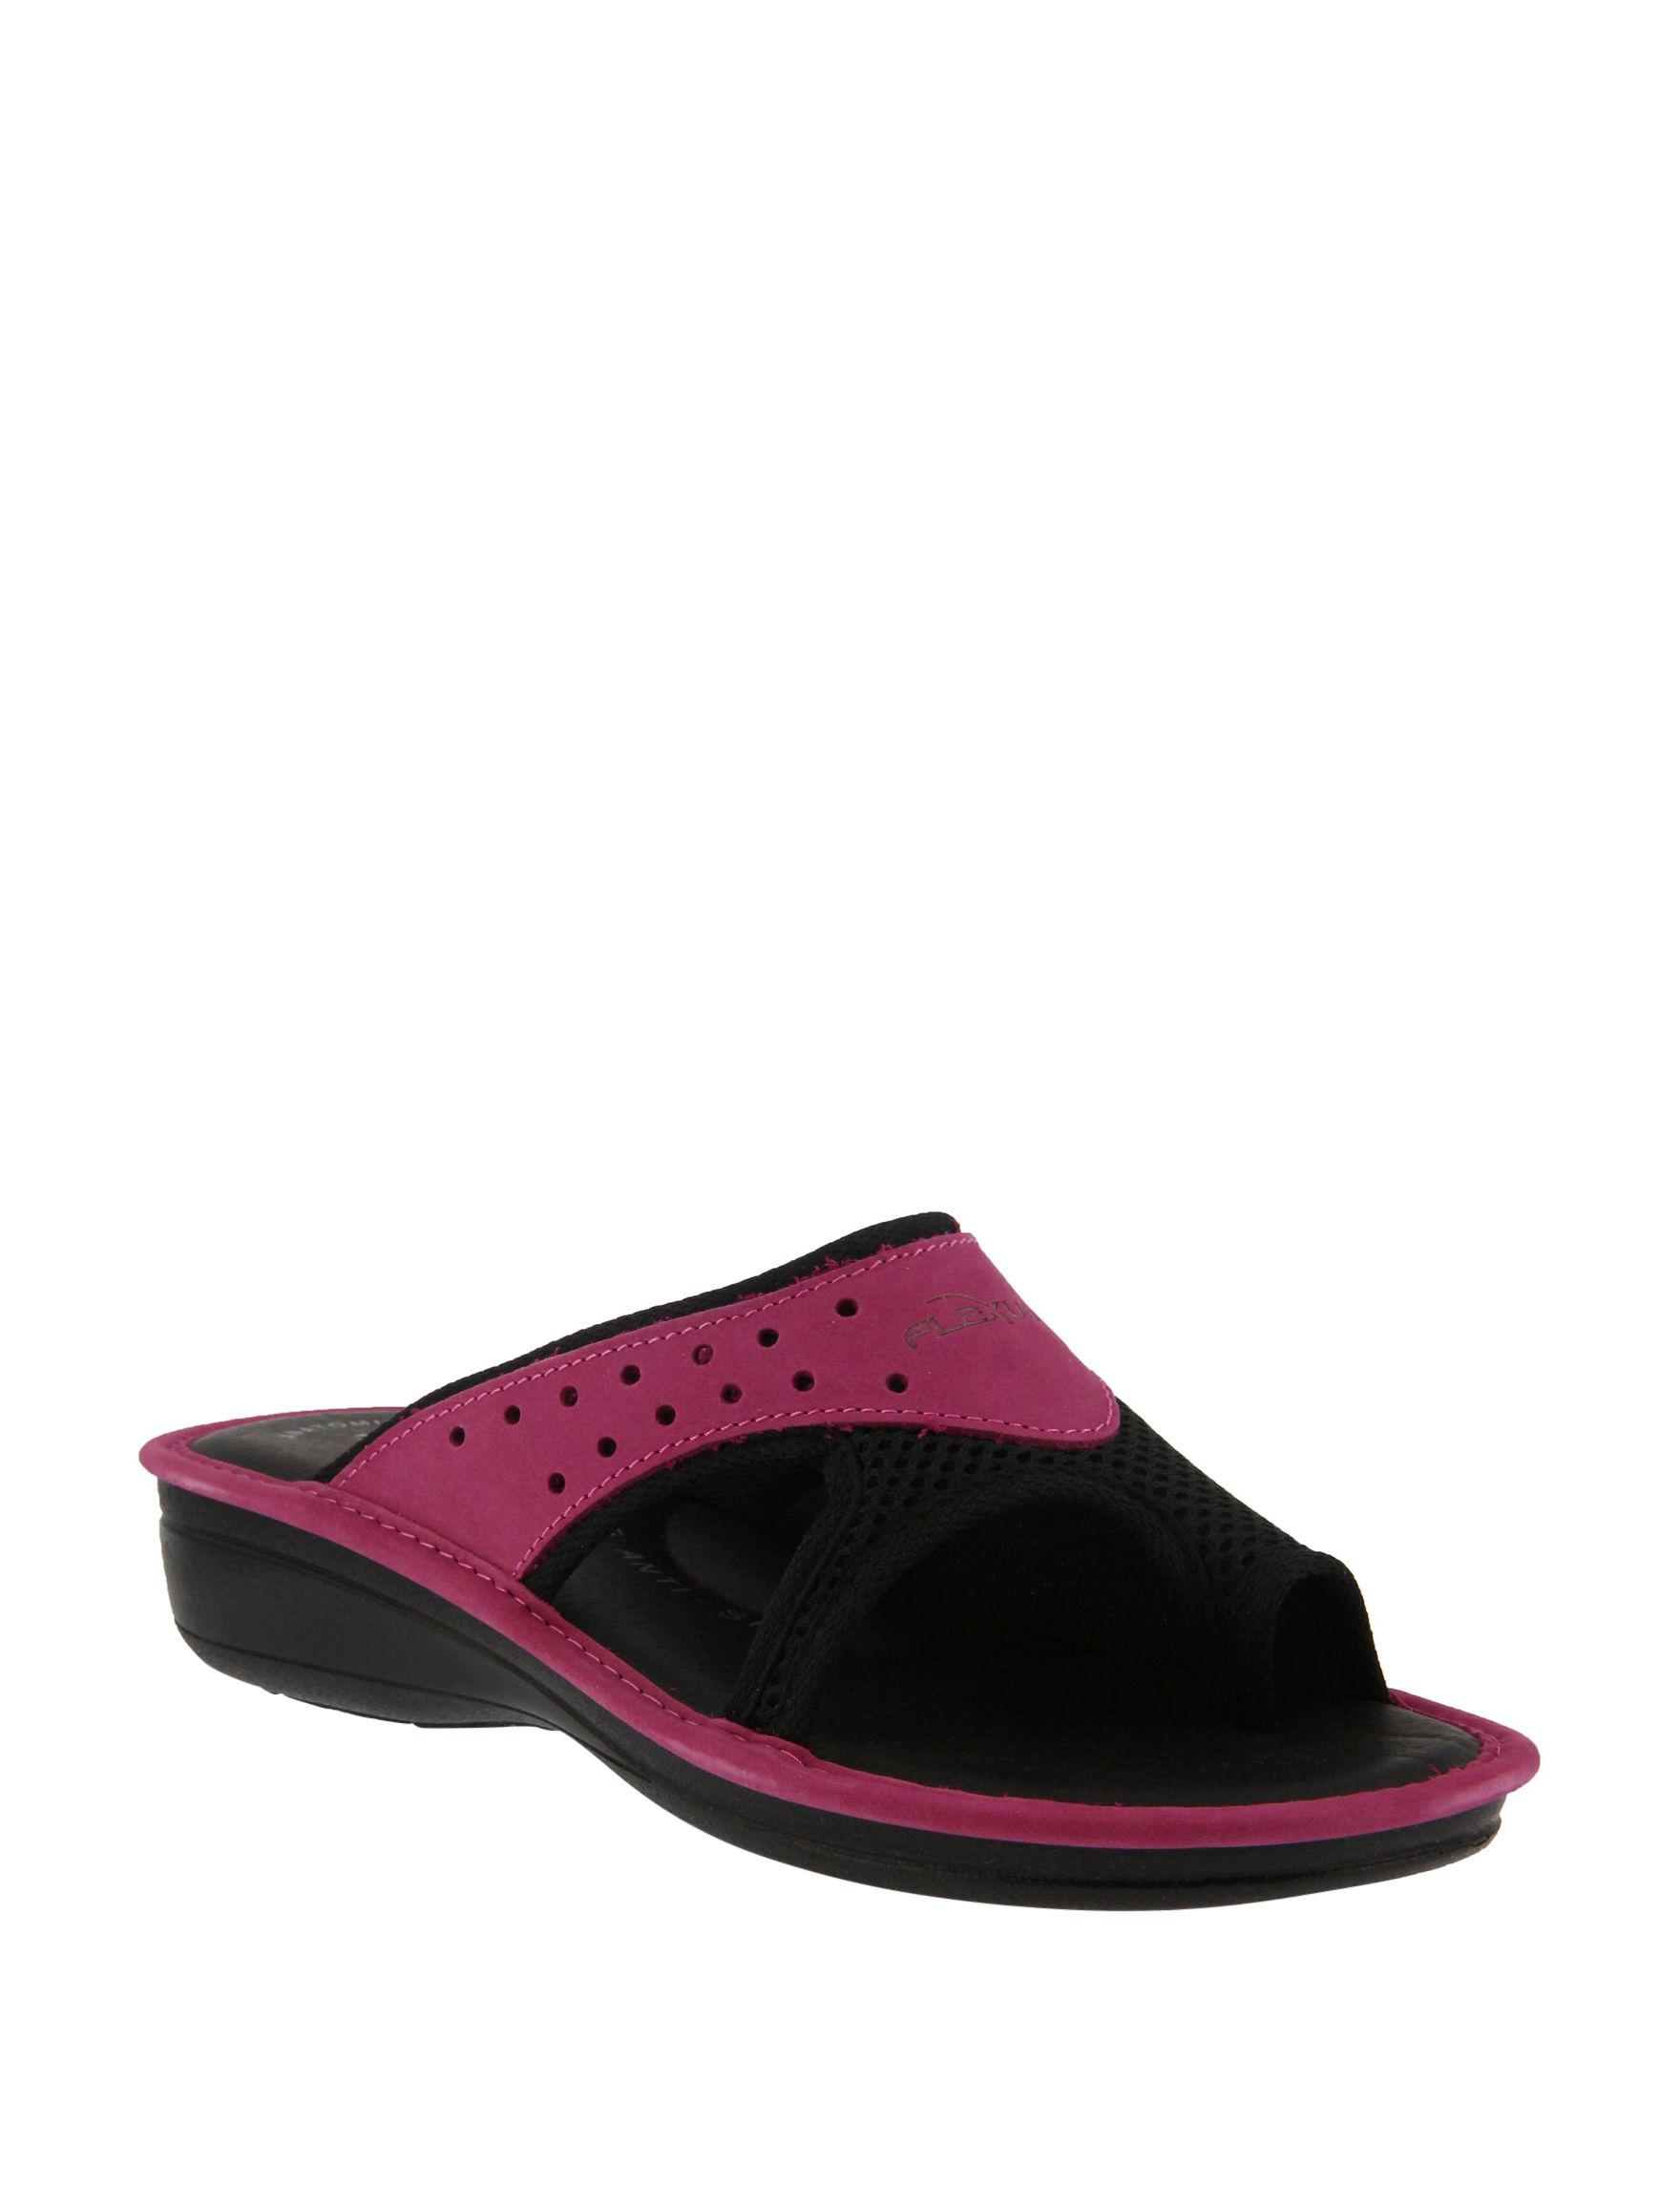 Flexus Fuchsia Flat Sandals